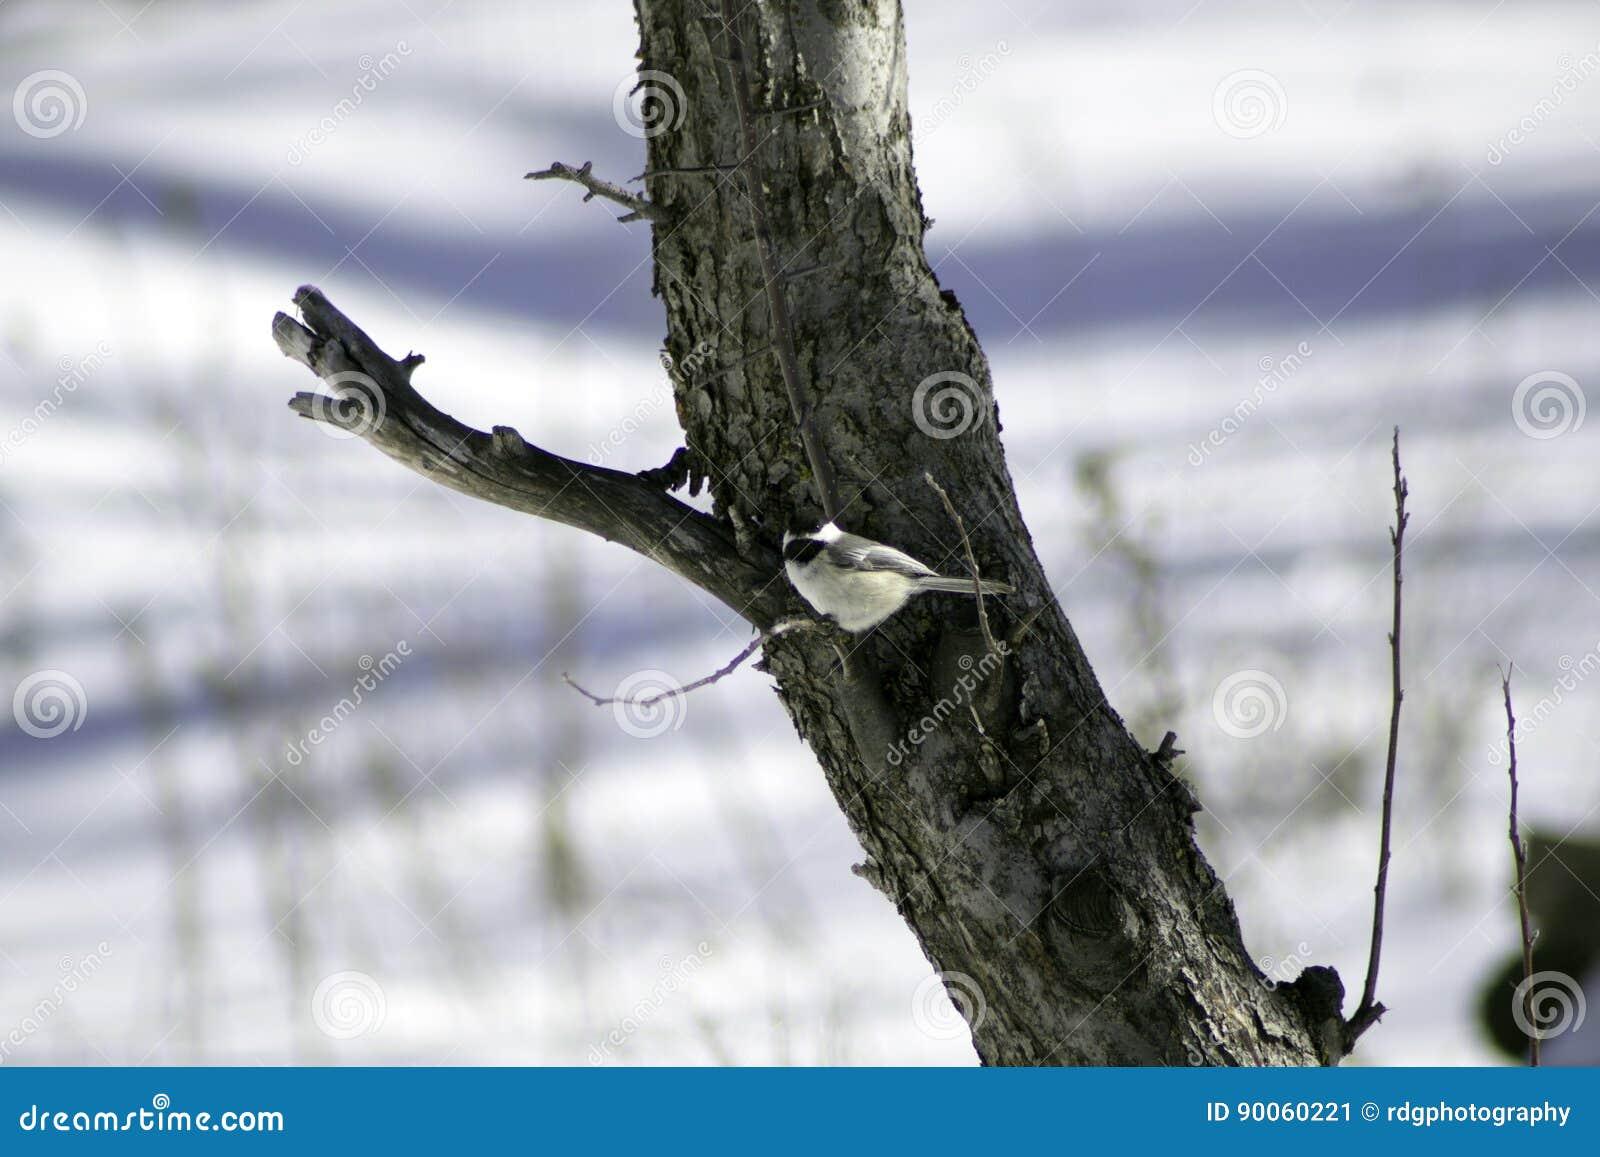 Black Capped Chickadee on Apple Tree